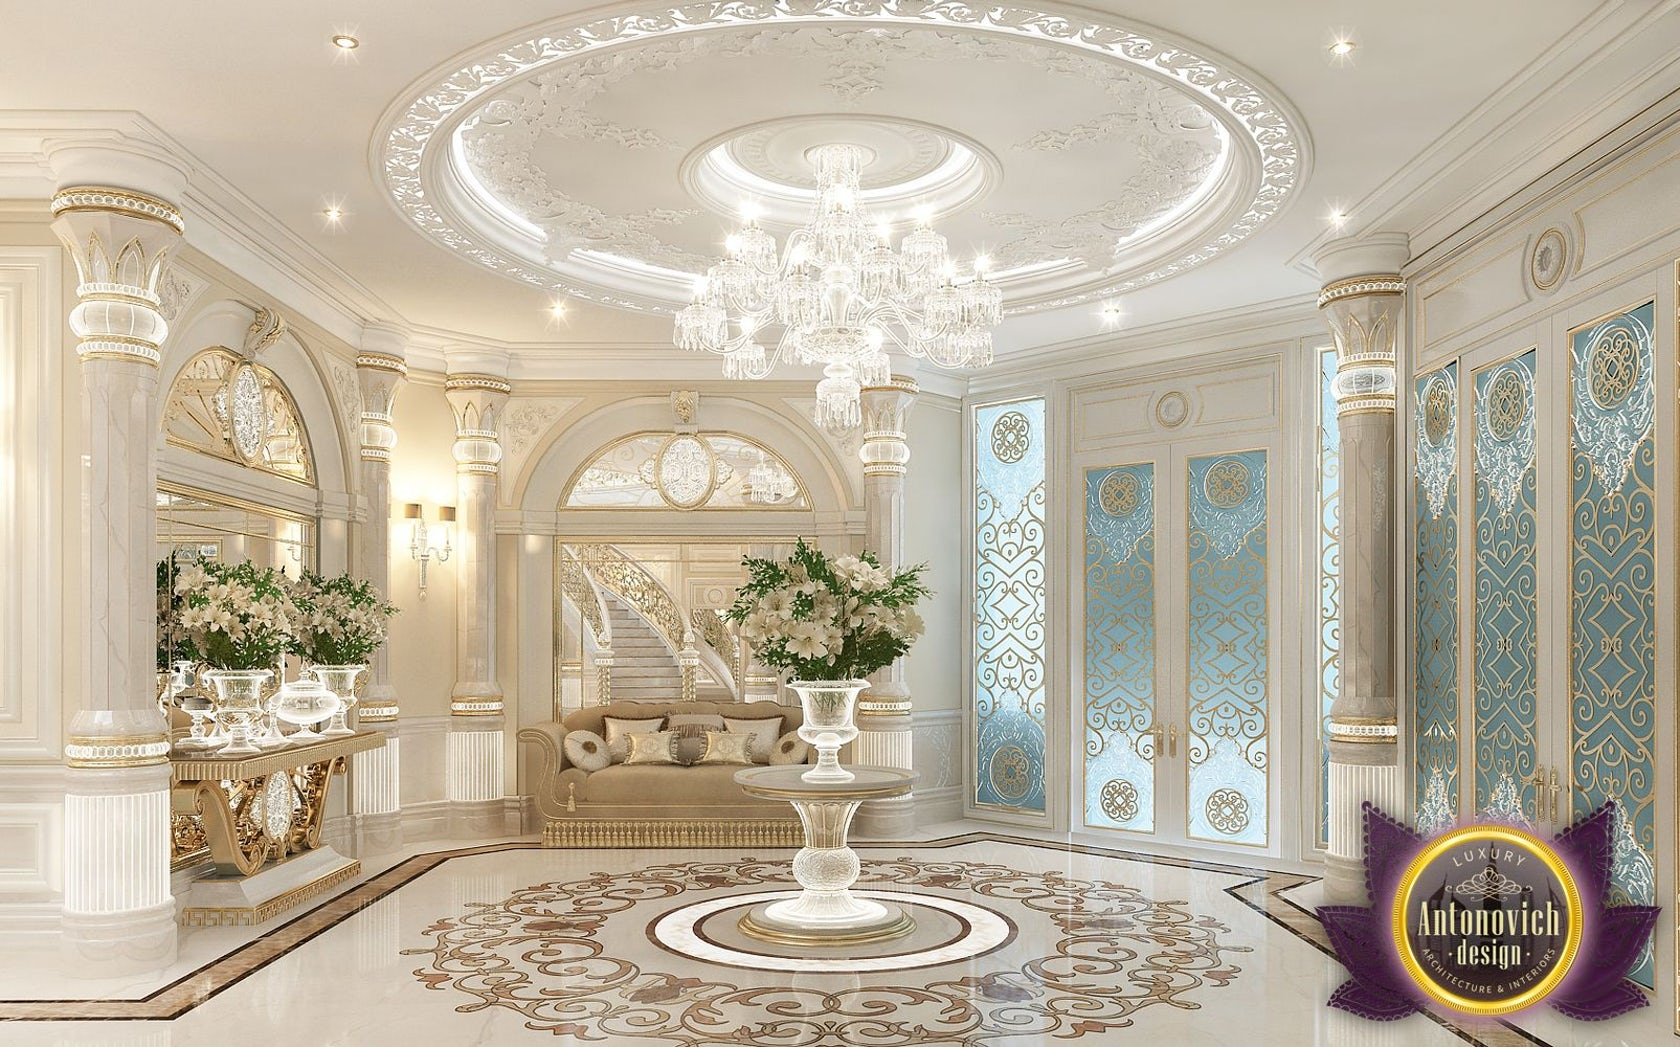 Best Interiors Of Luxury Antonovich Design Dubai Architizer